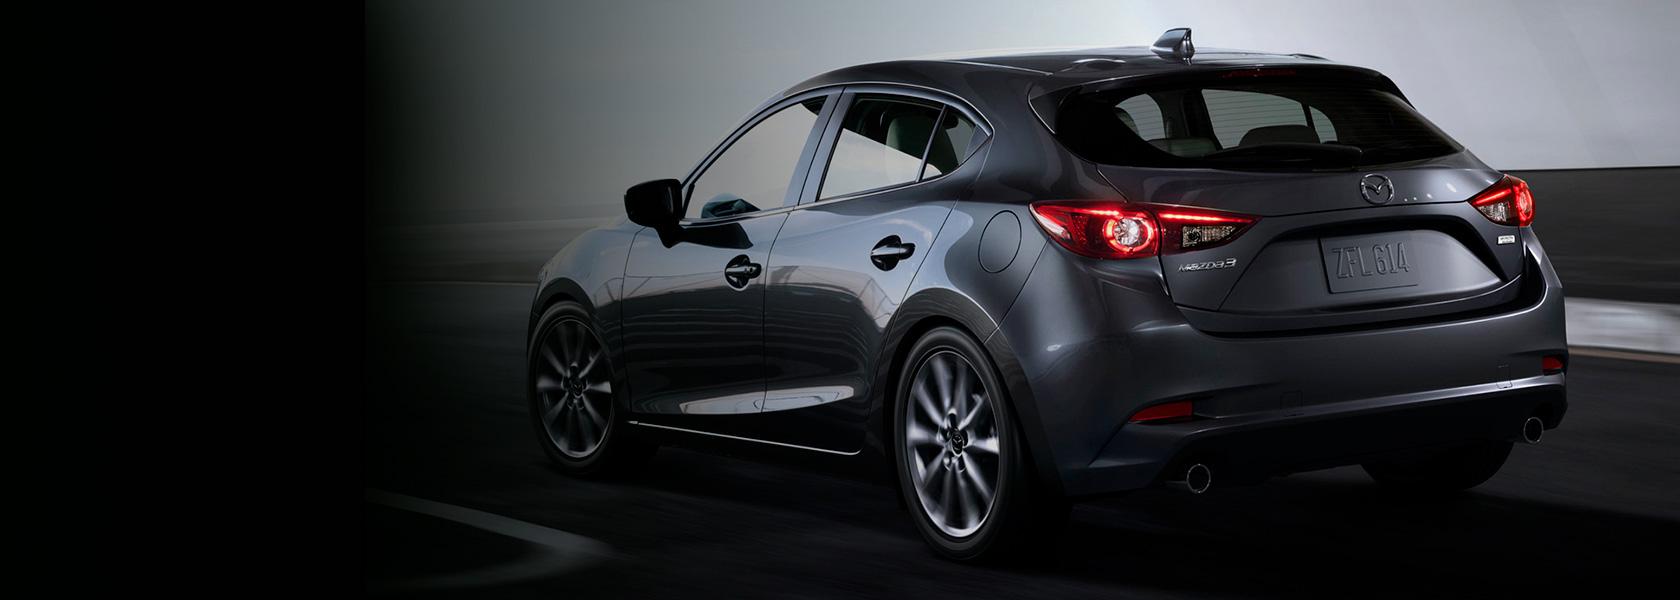 Fortaleza y elegancia: Mazda elegida 'Mejor marca de automóviles 2020'